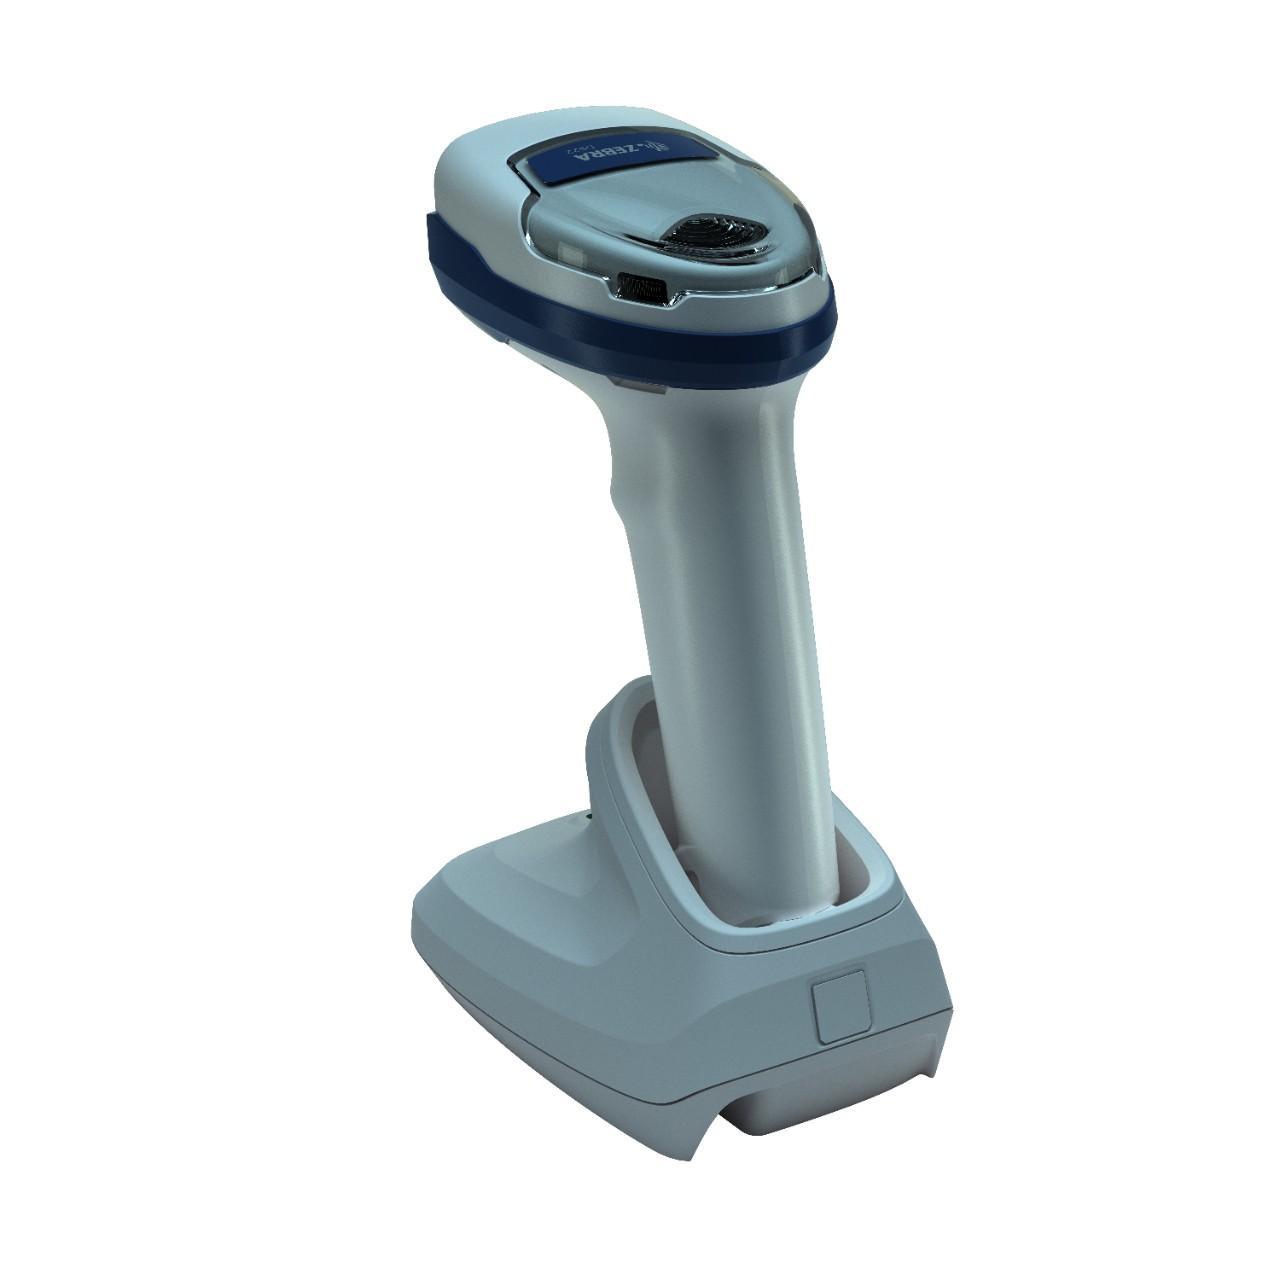 безжичен бял баркод скенер Zebra DS2278 Bluetooth със стойка поглед отзад